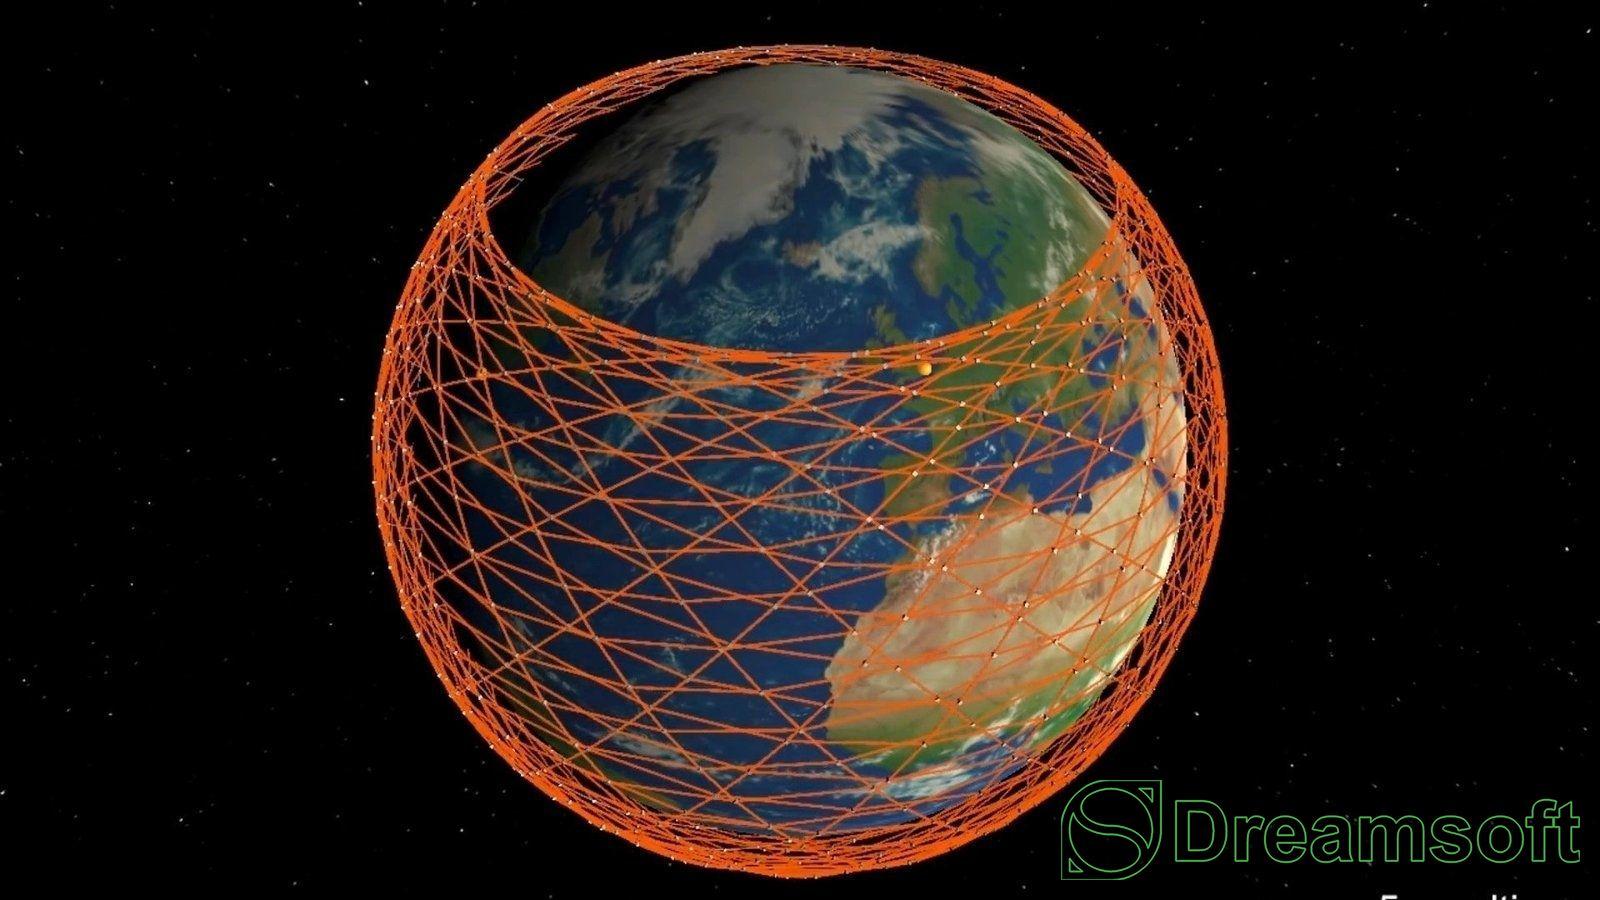 Starlink: 2027 онд пиццаны хэмжээтэй антеннаар дэлхийн хаанаас ч интернэтэд холбогдоно